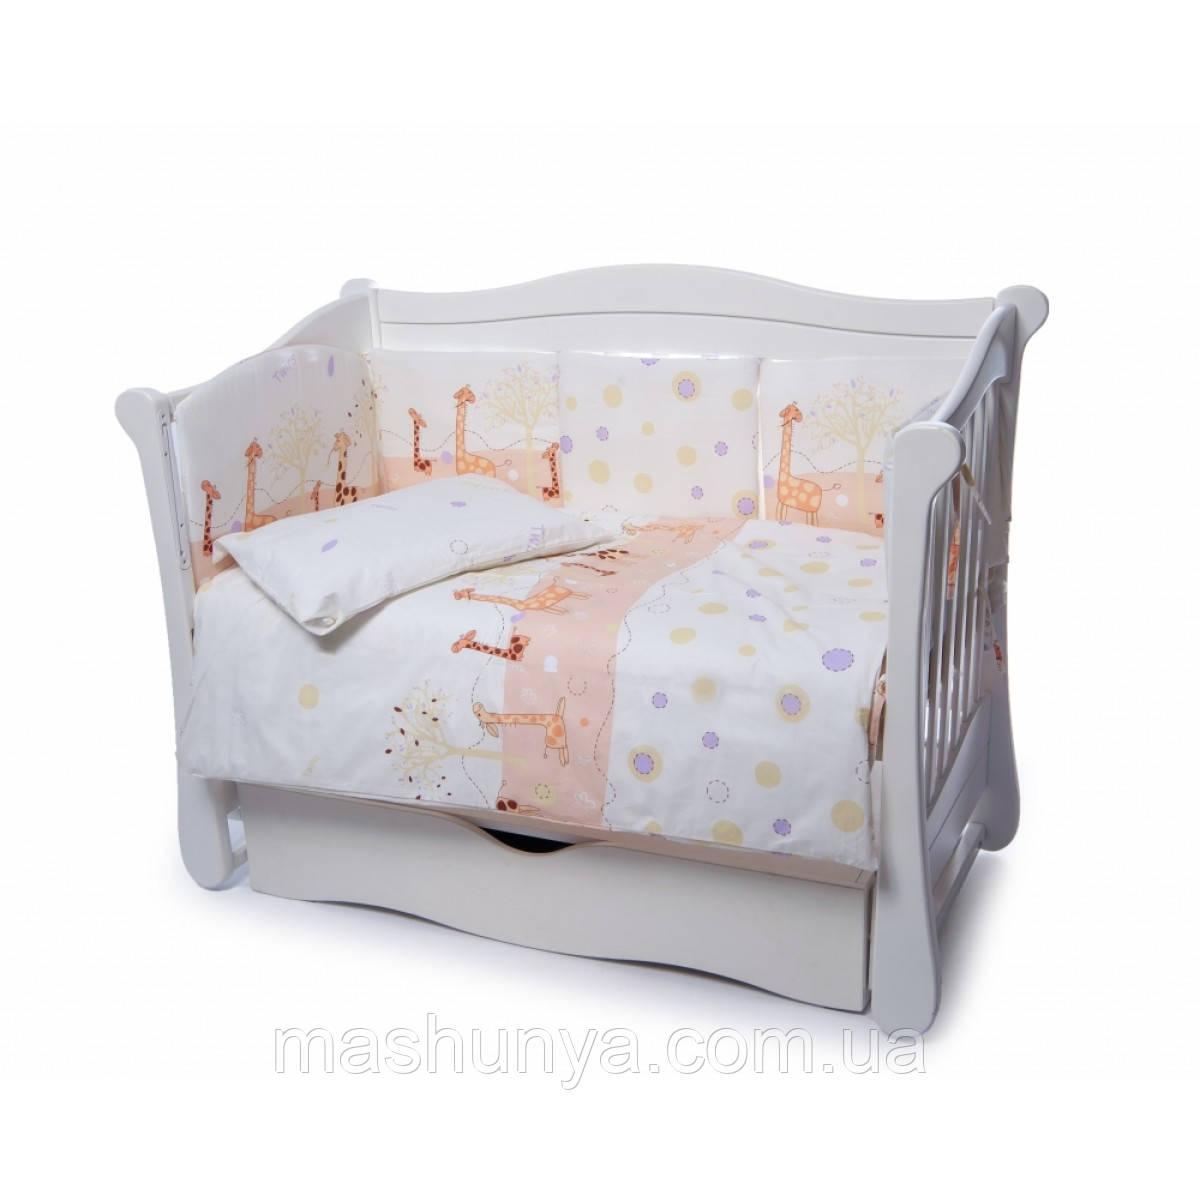 Бампер - защита в кроватку Twins Comfort